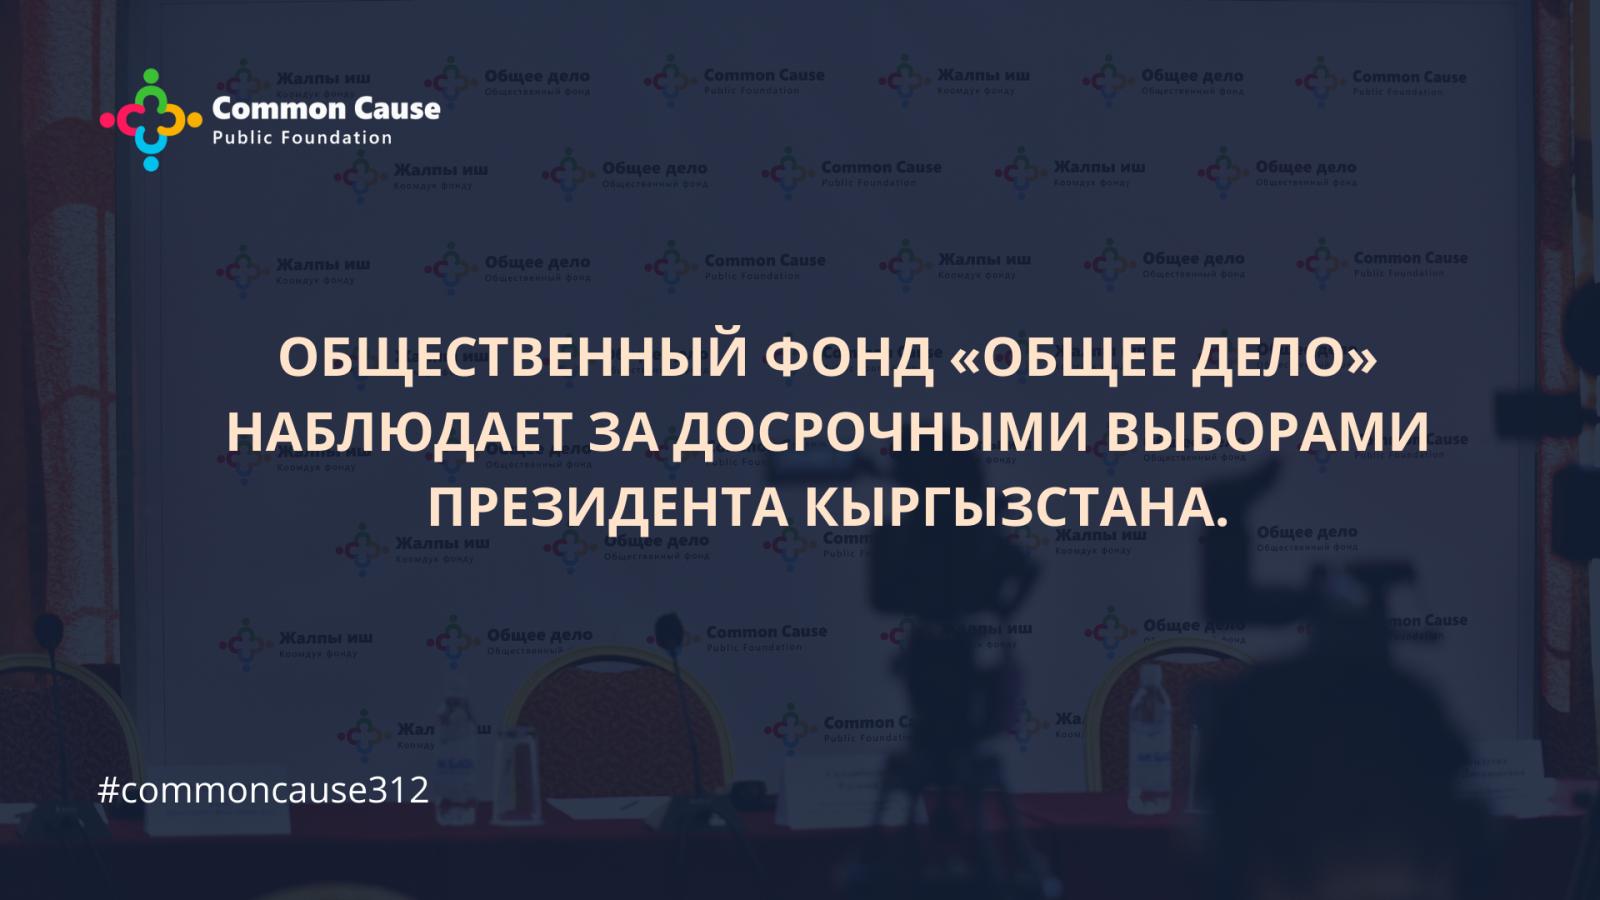 Общественный фонд «Общее дело» наблюдает за досрочными выборами президента Кыргызстана.